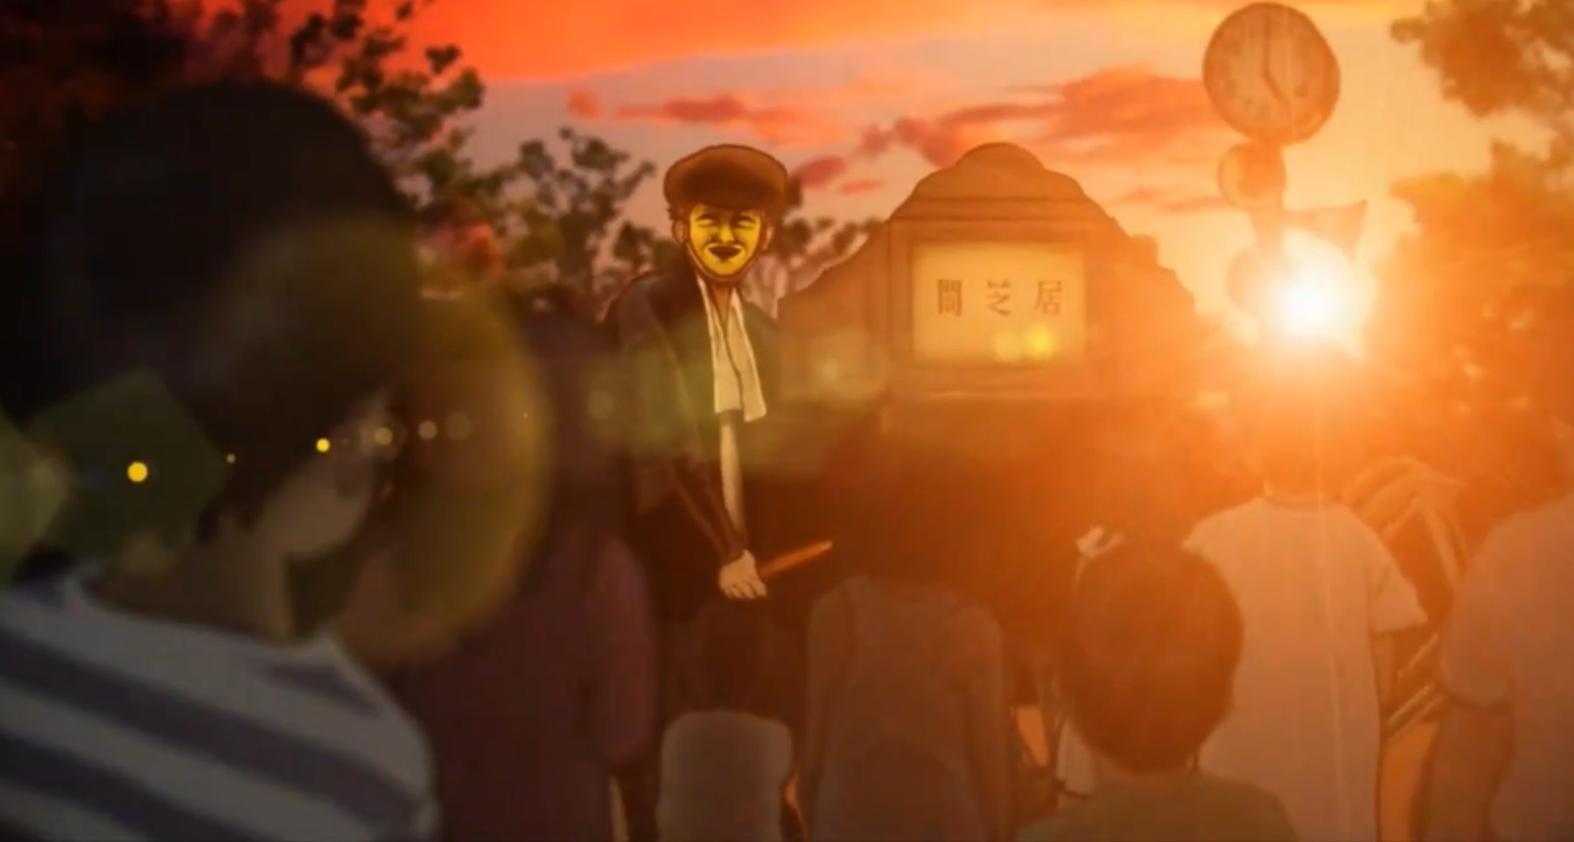 MV5BZDM3Njc3MzMtMDc5ZS00ZmRkLTk1ZjMtNTFjMjE5OGUwNDU1XkEyXkFqcGdeQXVyNTk1MjM3OTQ@. V1  (Review anime)YAMI SHIBAI – ÁM KỊCH KINH HOÀNG, NHỮNG CÂU CHUYỆN KHÔNG NÊN KỂ VÀO LÚC NỬA ĐÊM